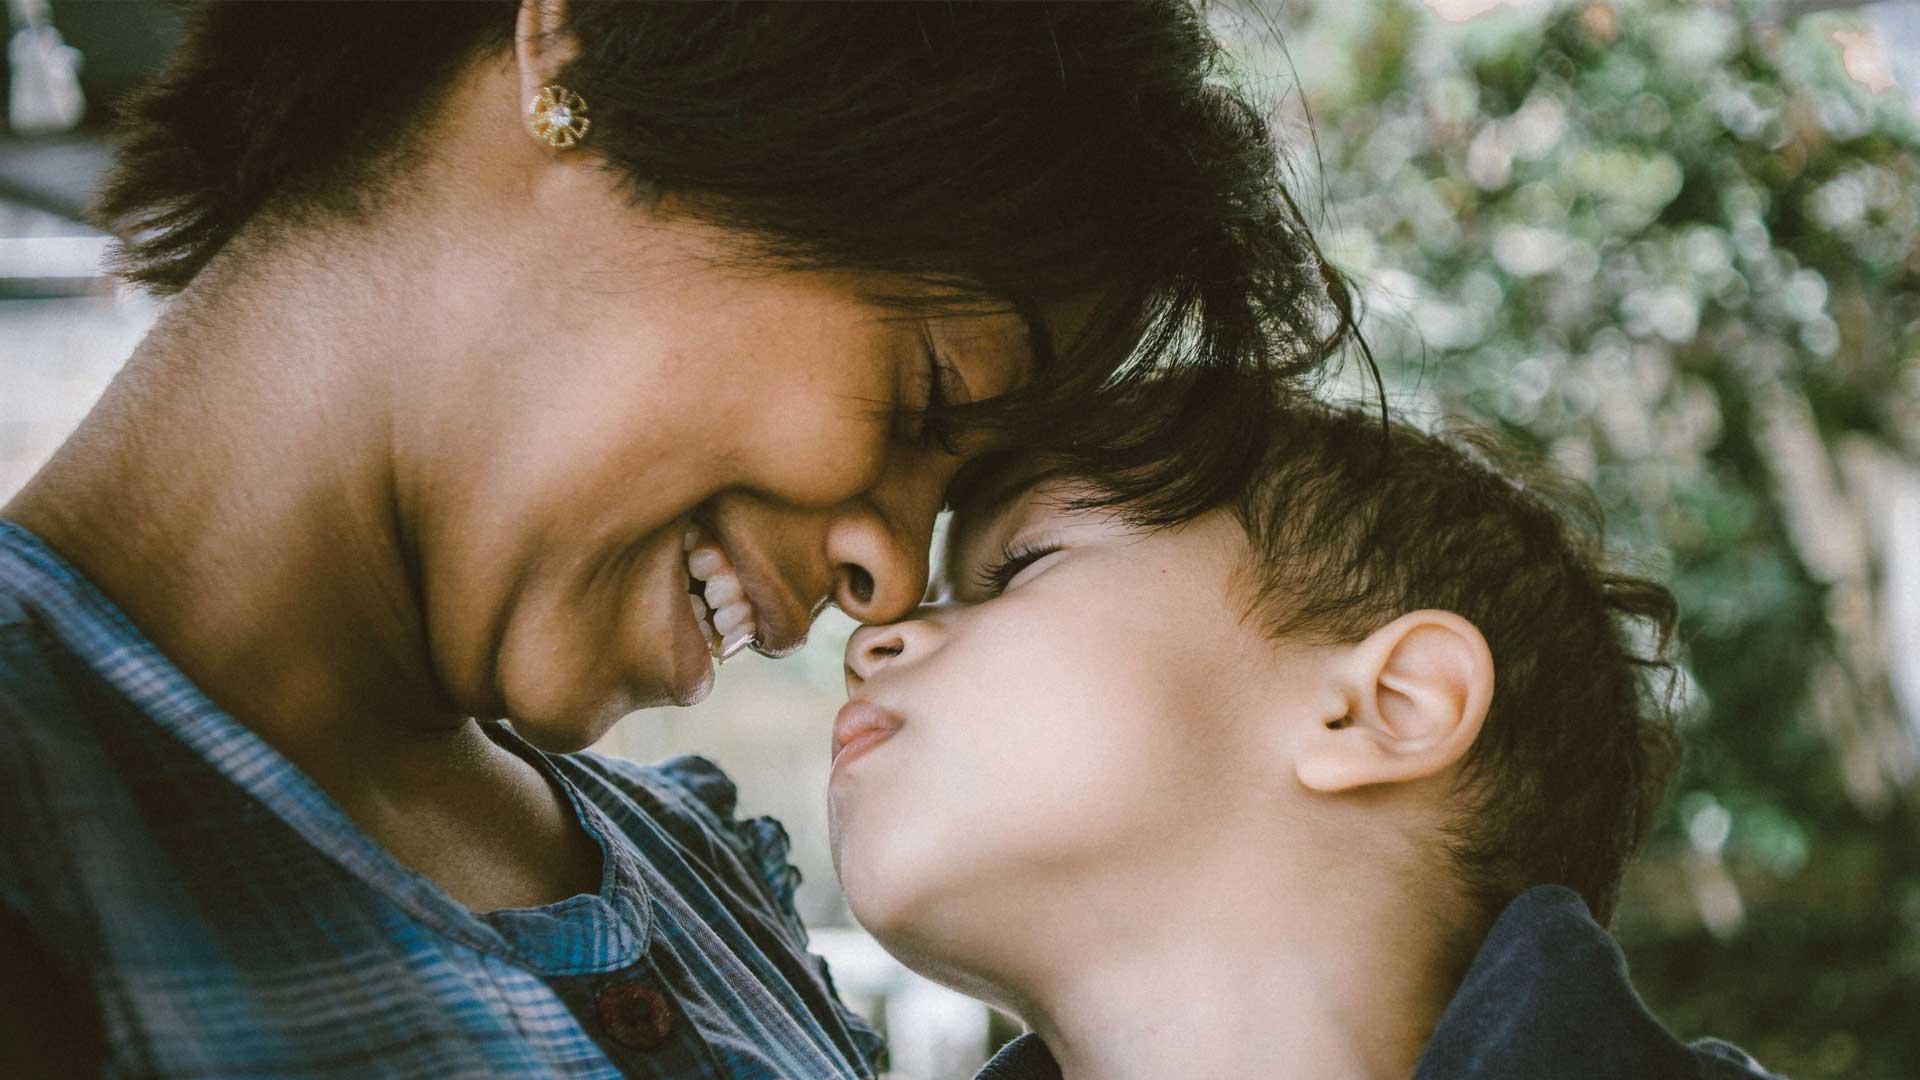 Conviver Educa: como as crianças aprendem compartilhando o dia-a-dia com pessoas diferentes